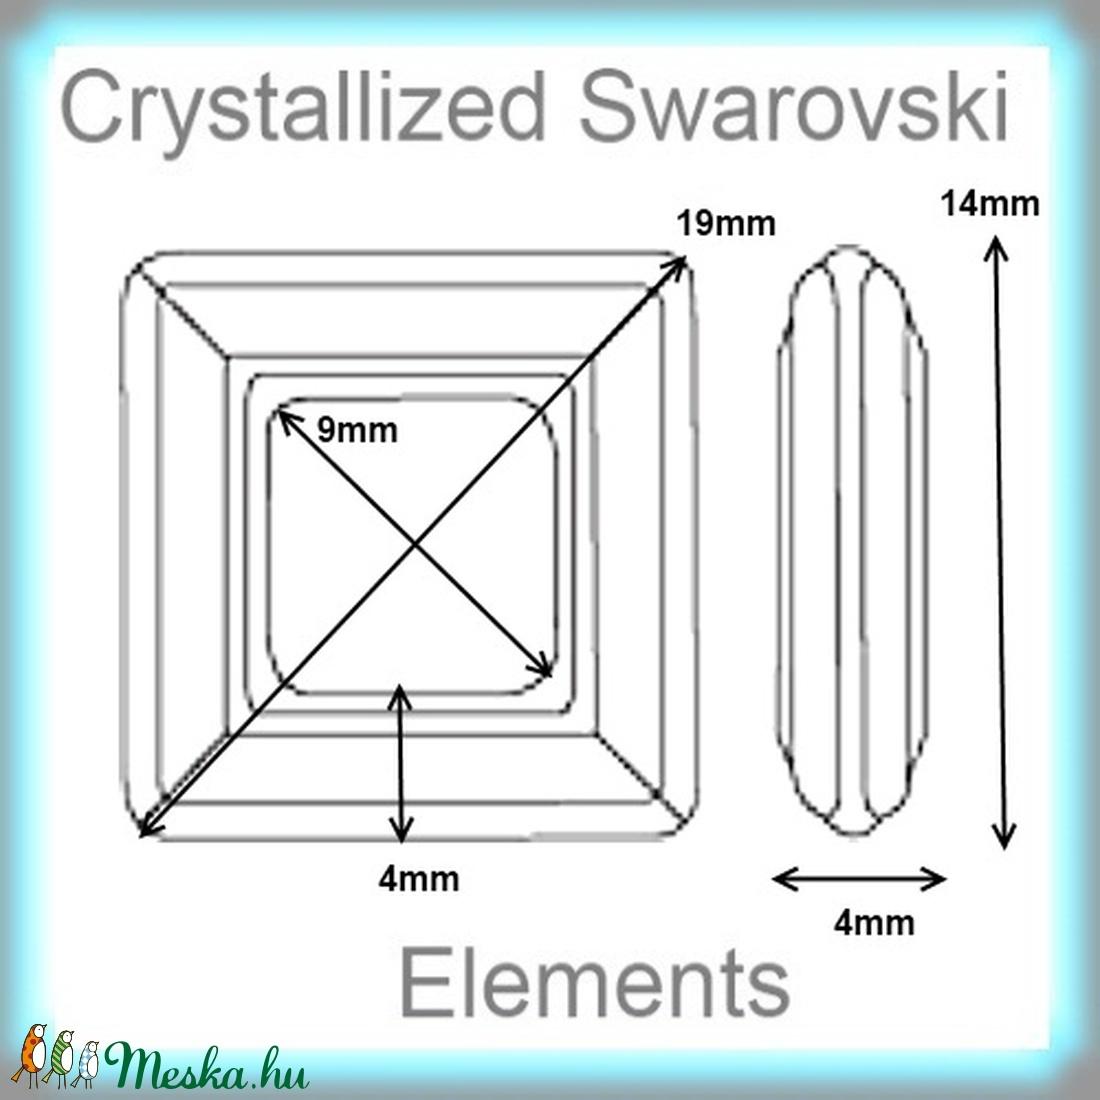 Ékszerkellék:  Swarovski négyzet 14mm  több színben  SW4439-14 - gyöngy, ékszerkellék - swarovski kristályok - Meska.hu